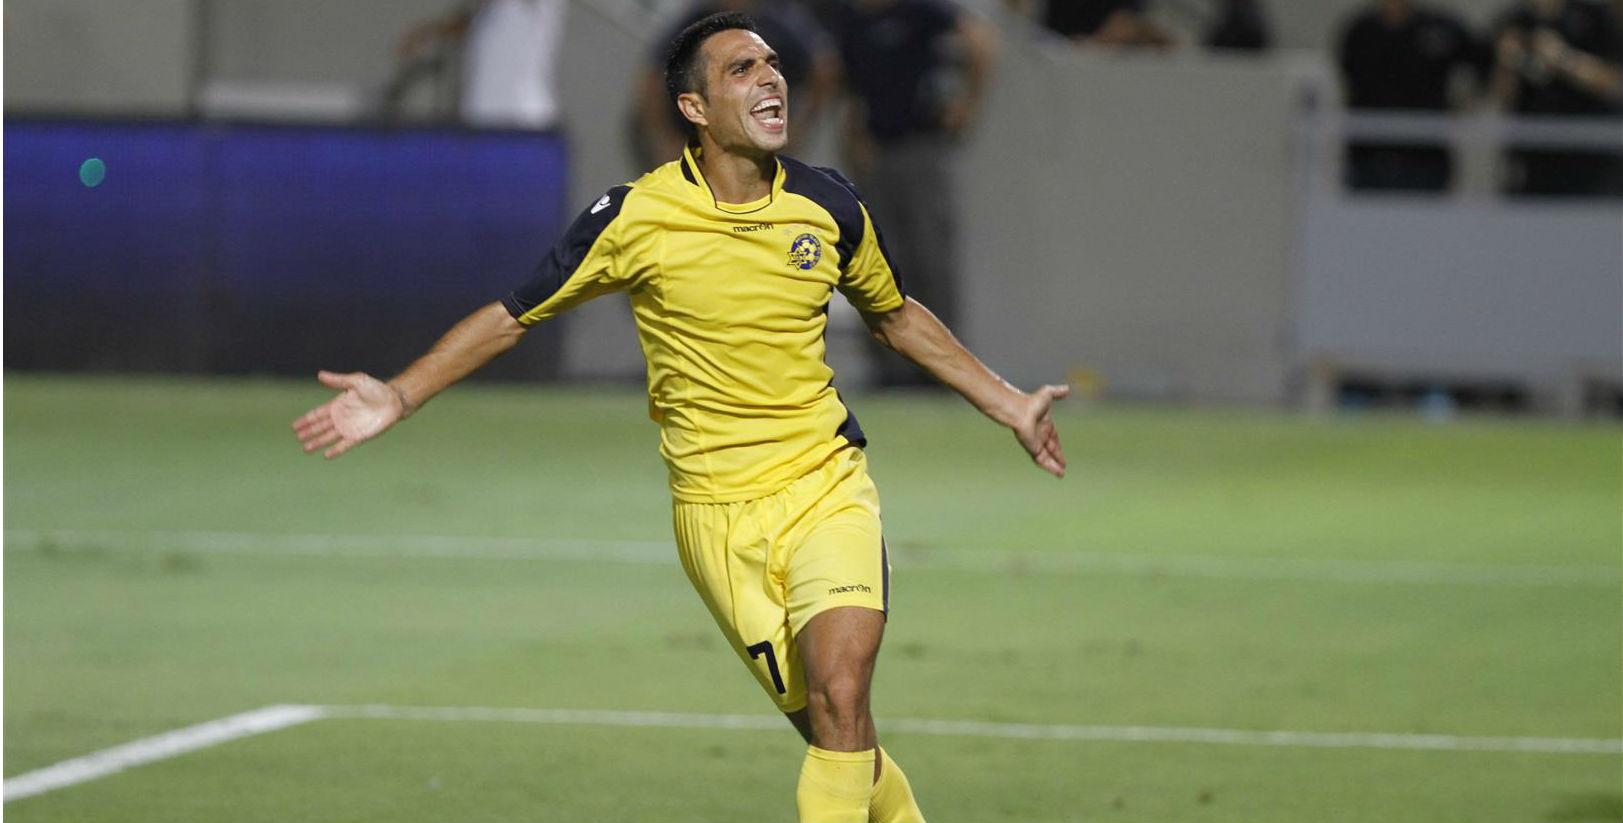 Eran Zehavi Celebrating his super strike! Courtesy Maccabi Tel Aviv Website